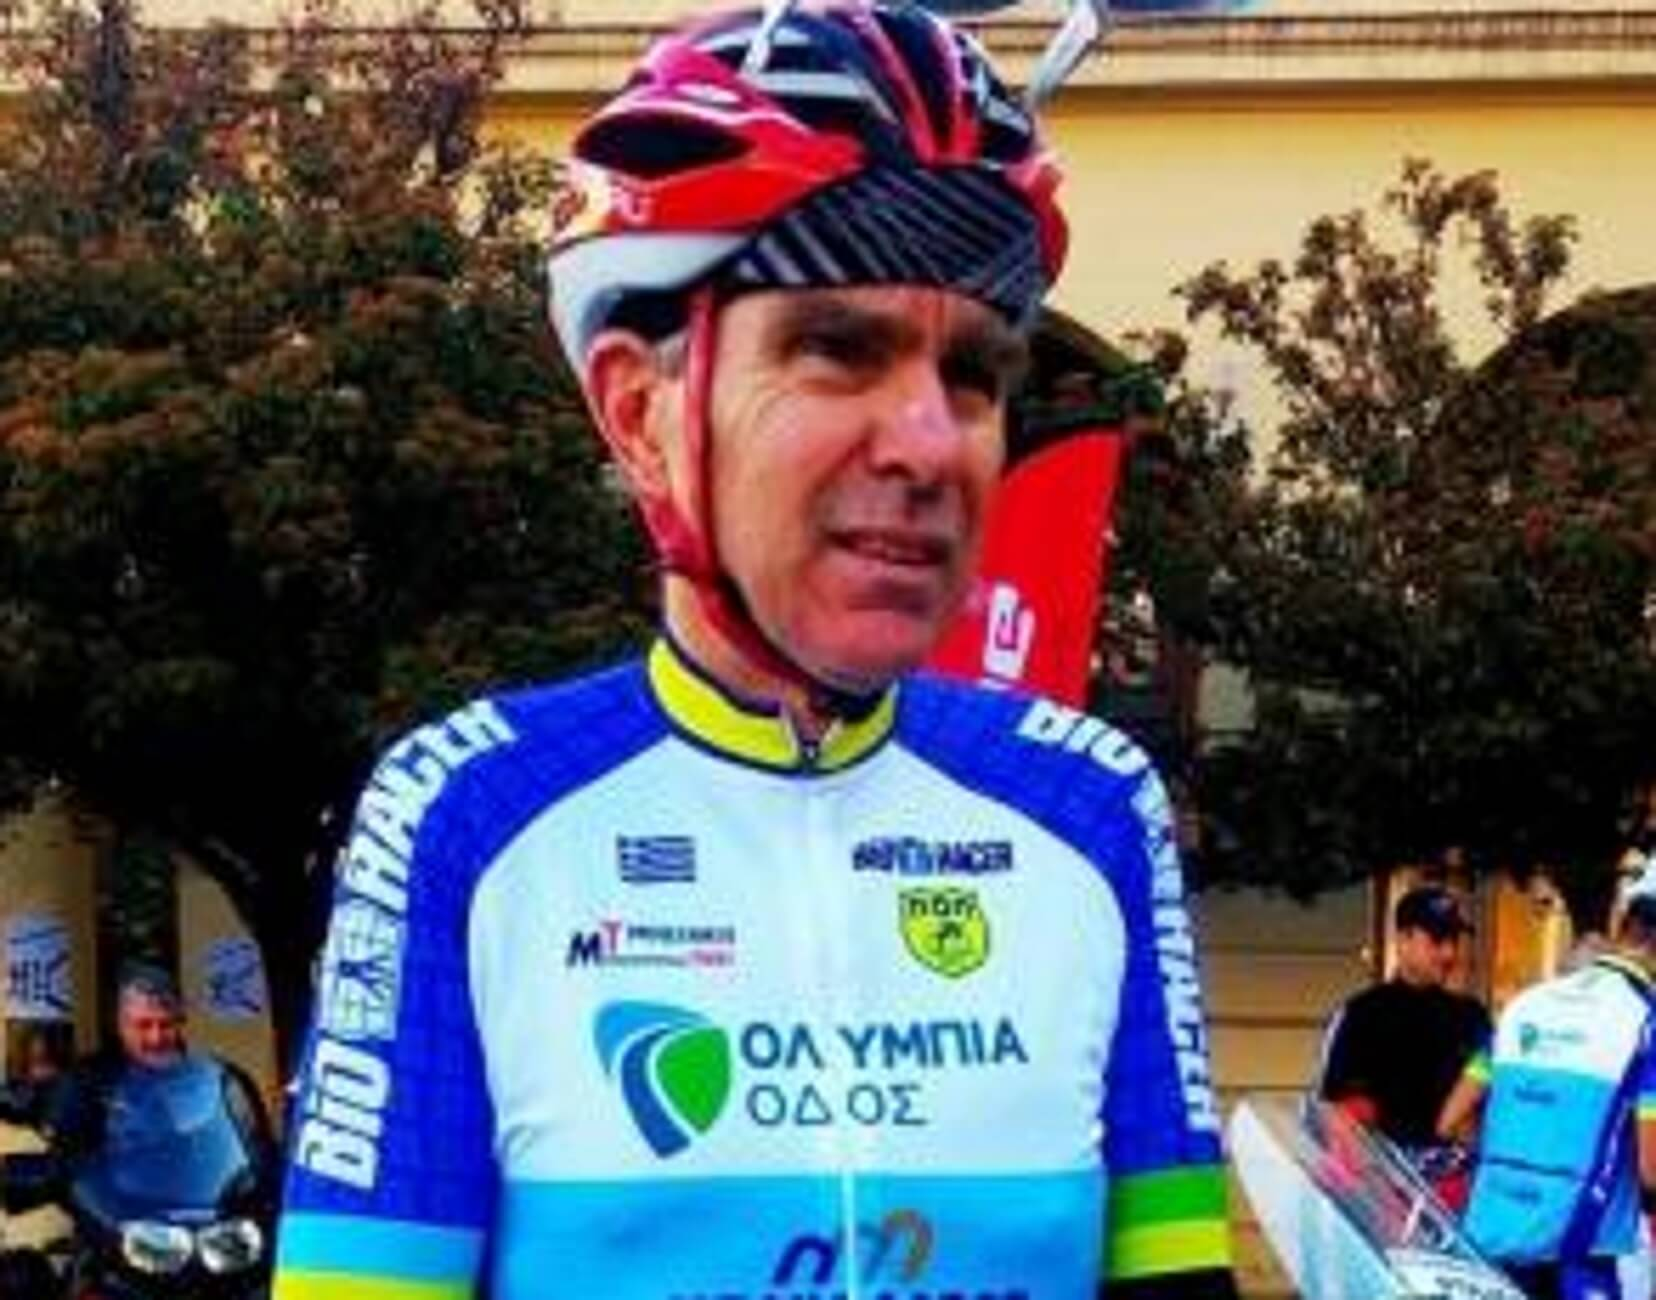 Πάτρα: Μαγνητίζει τα βλέμματα ο Τζέφρι Πάιατ – Ο Αμερικανός πρέσβης ξανά στον ποδηλατικό γύρο – video